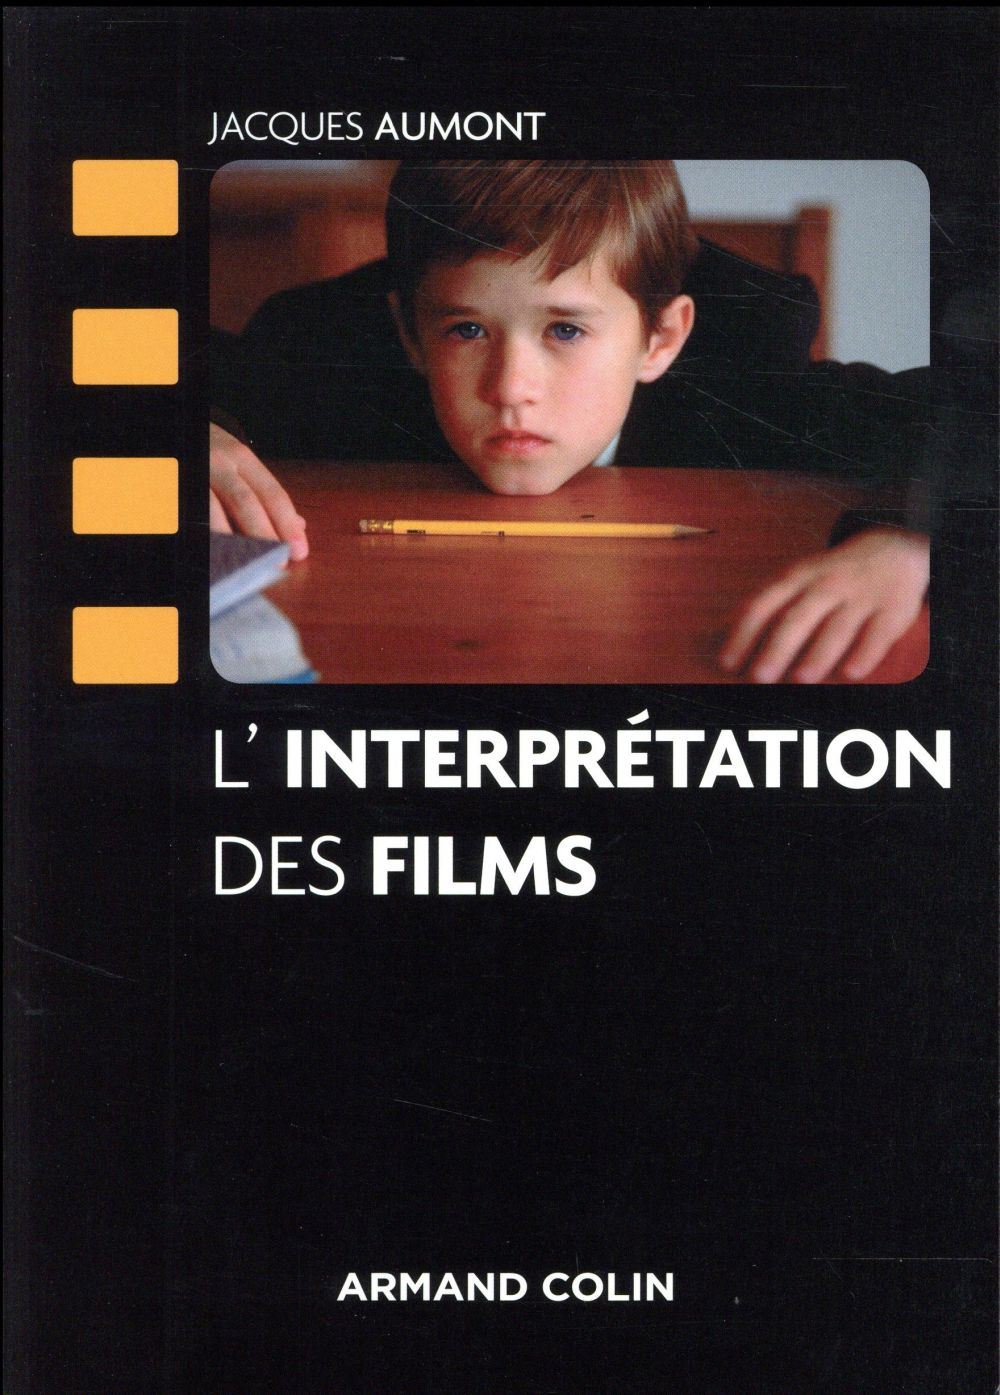 L'interprétation des films